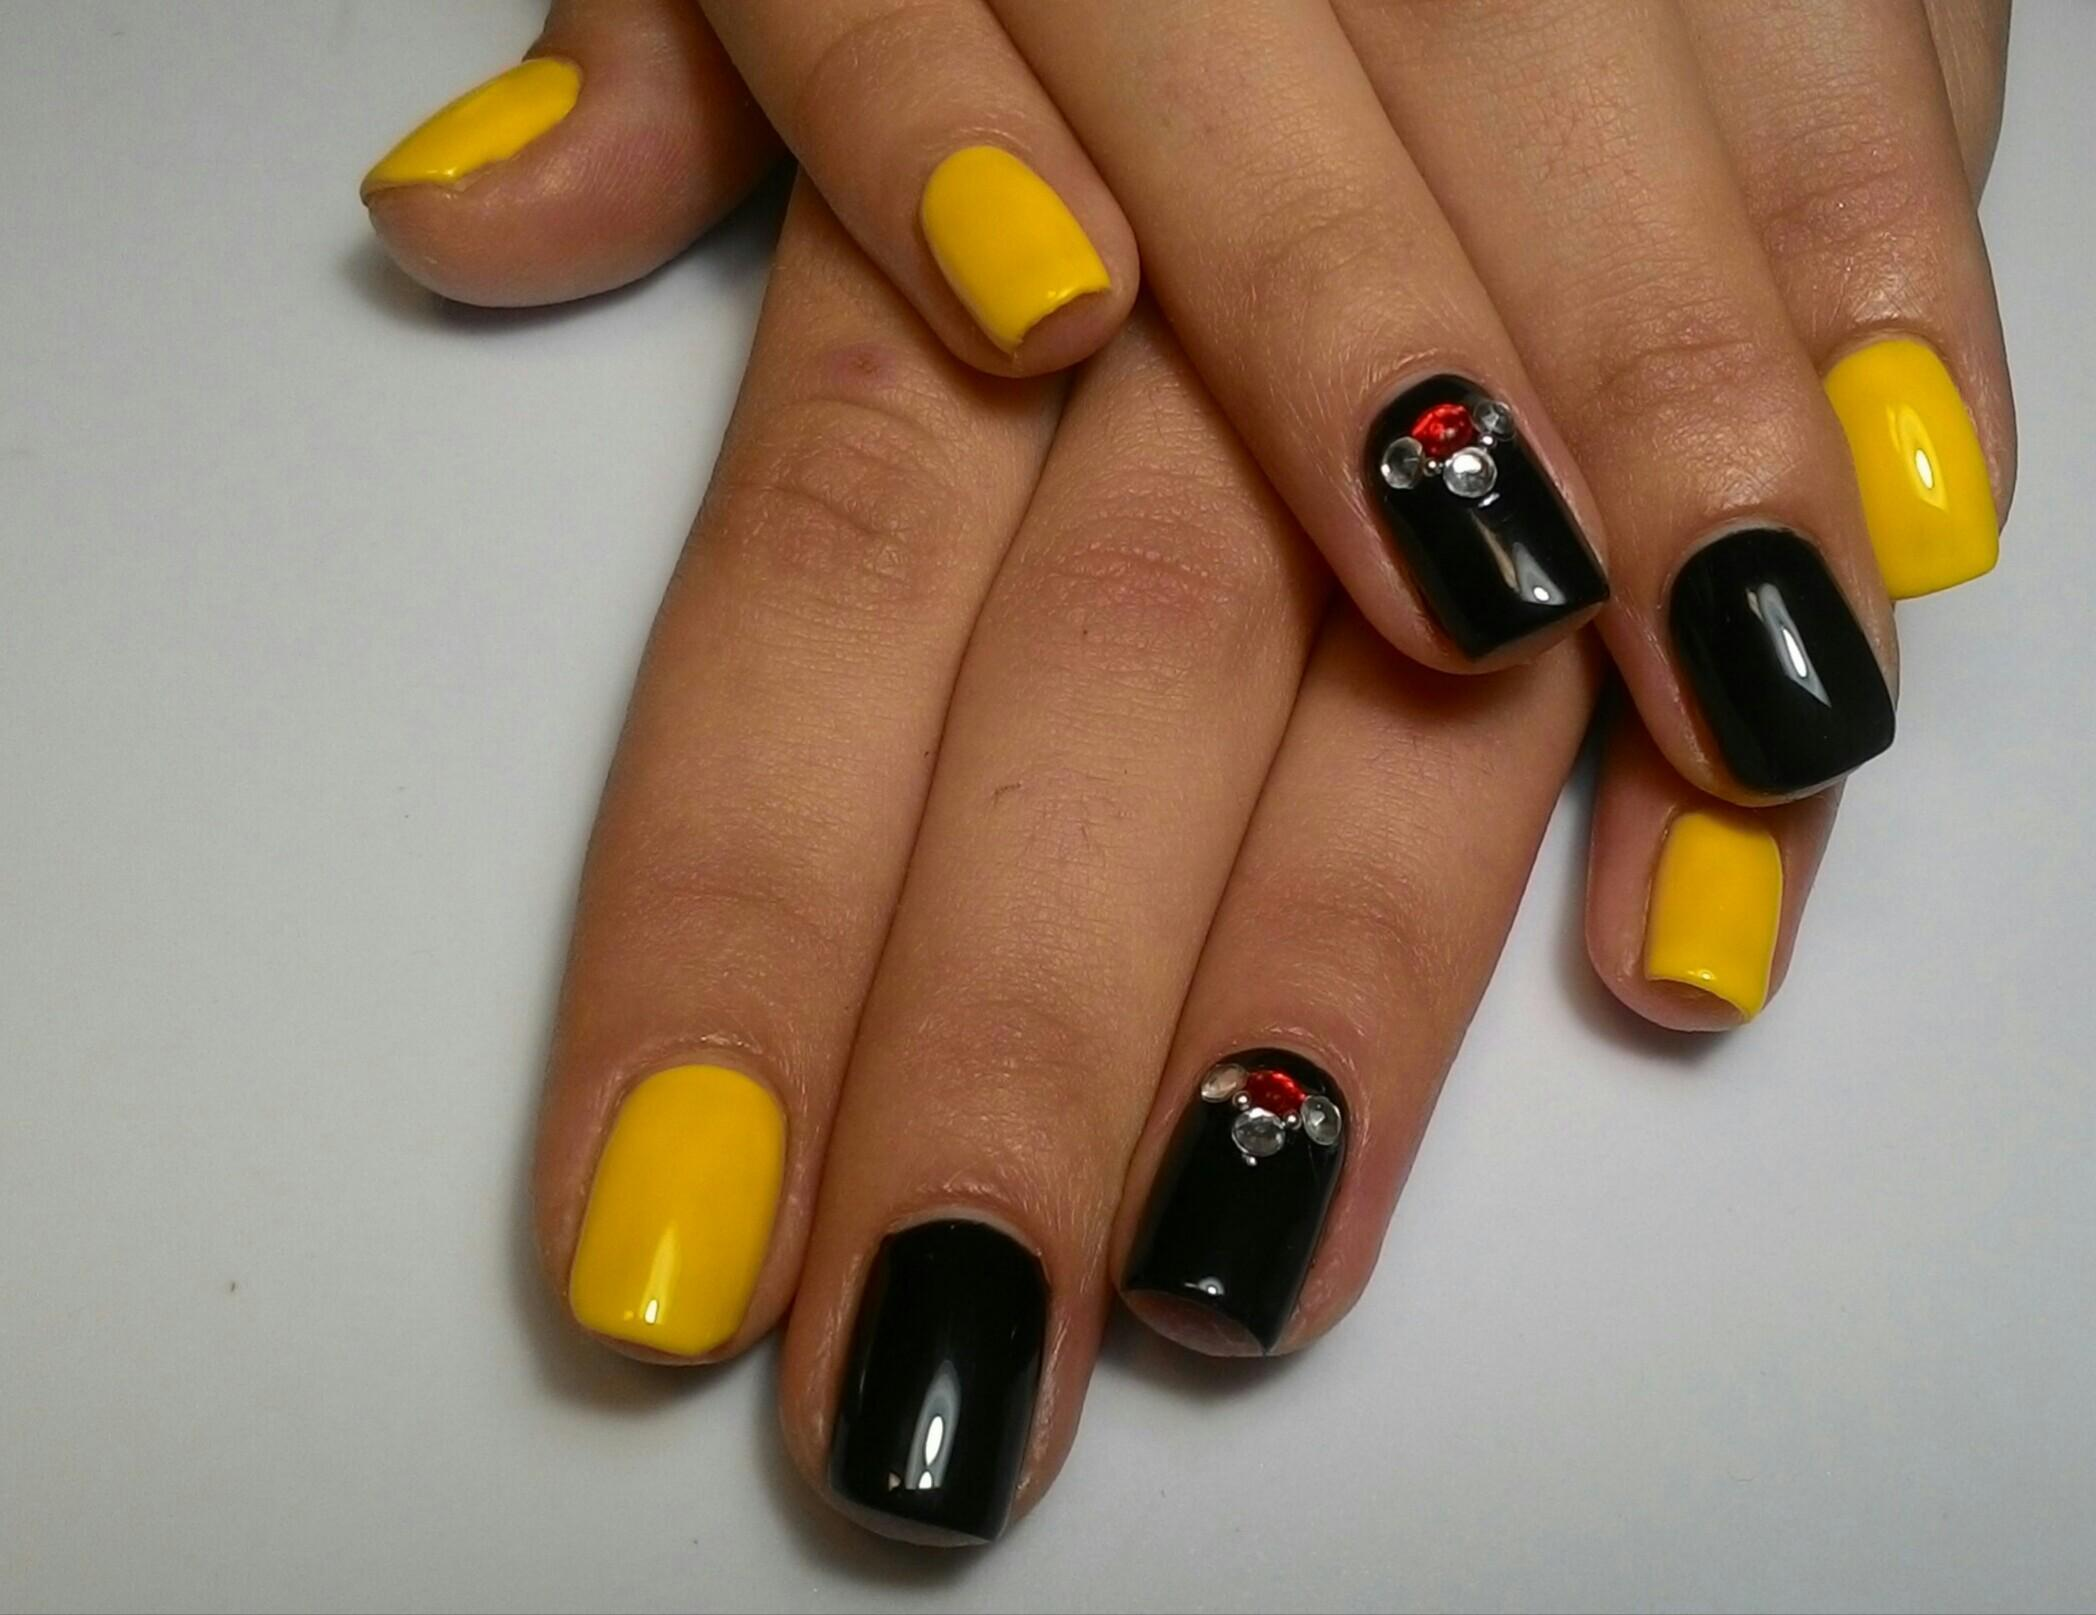 Идеи для маникюра фото желто-черного цвета